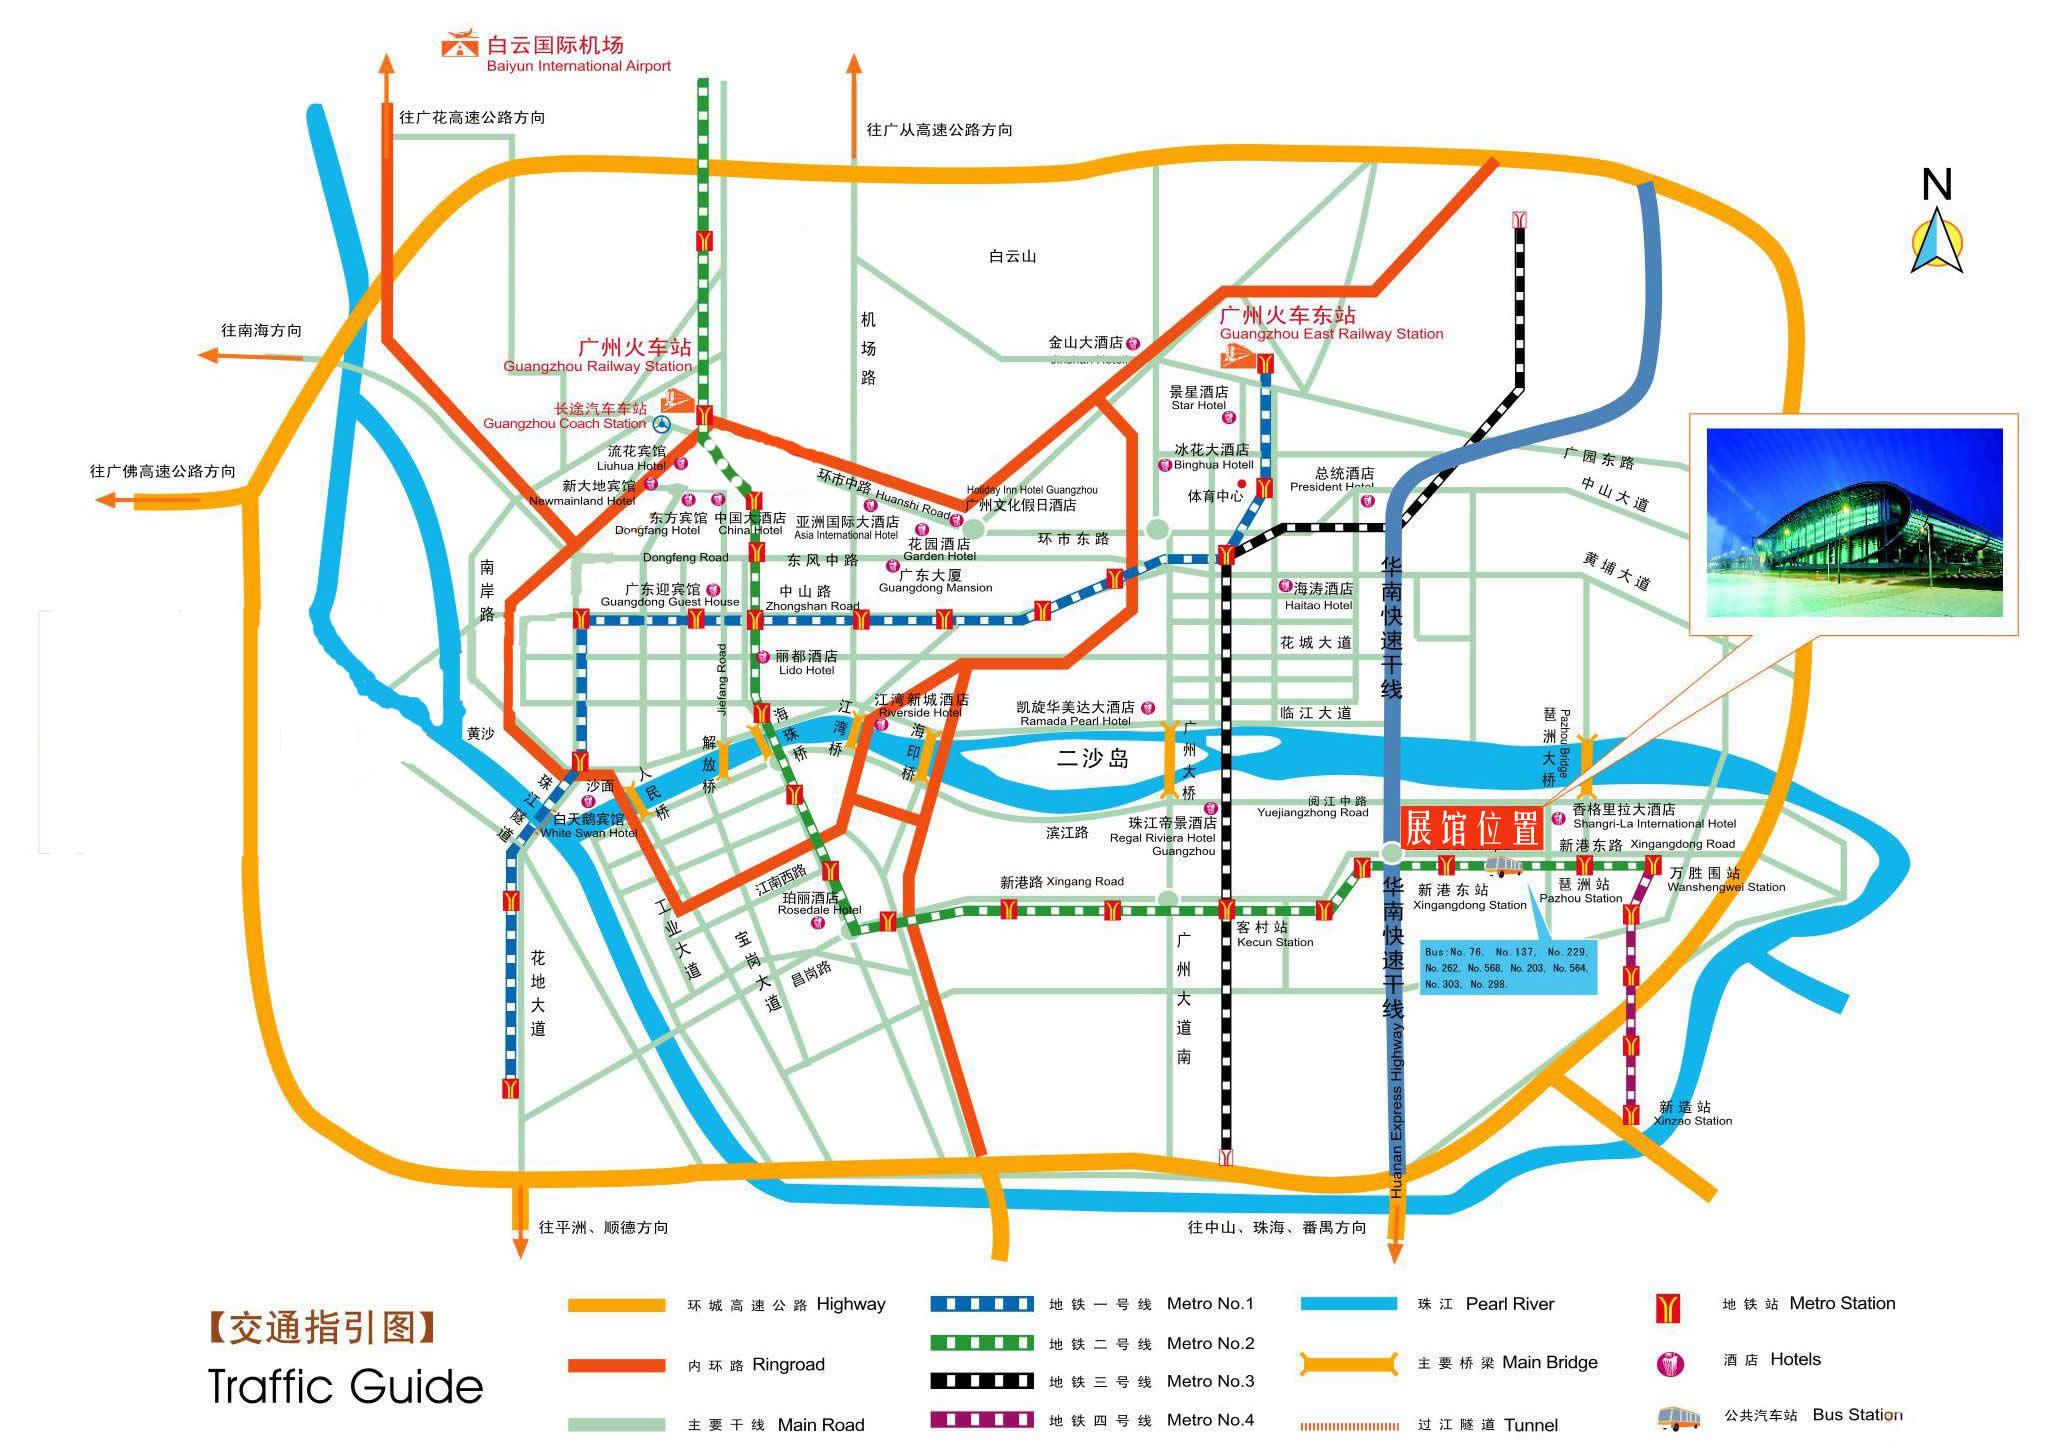 Guangzhou Baiyun Airport Departures - Today